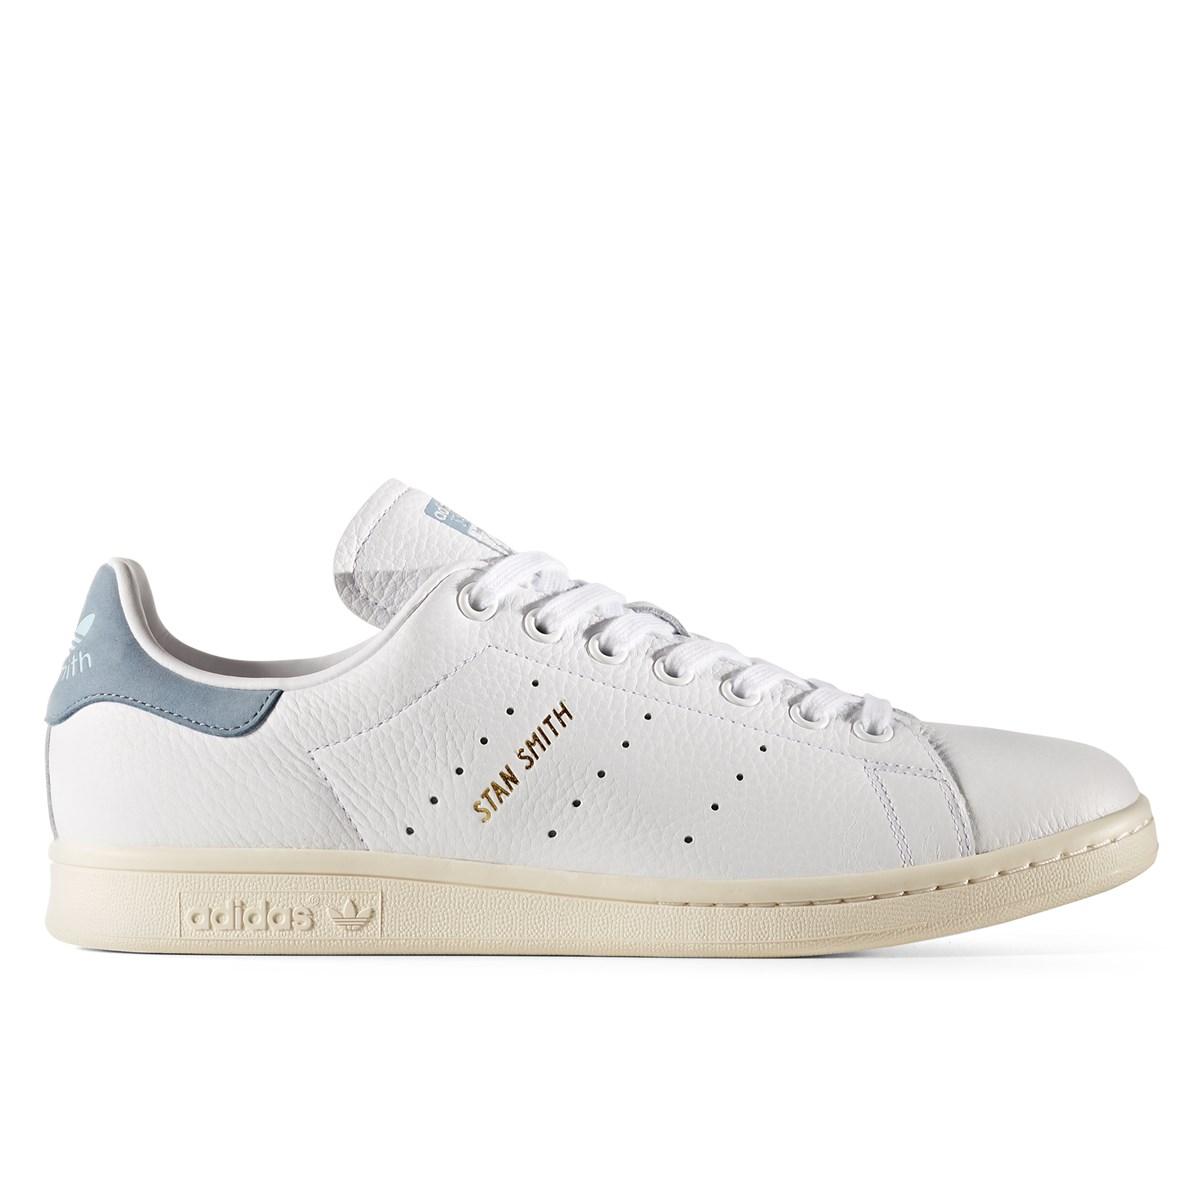 new concept a15f7 86b98 Men s Pharrell Stan Smith Pastel Pack White Multi Sneaker